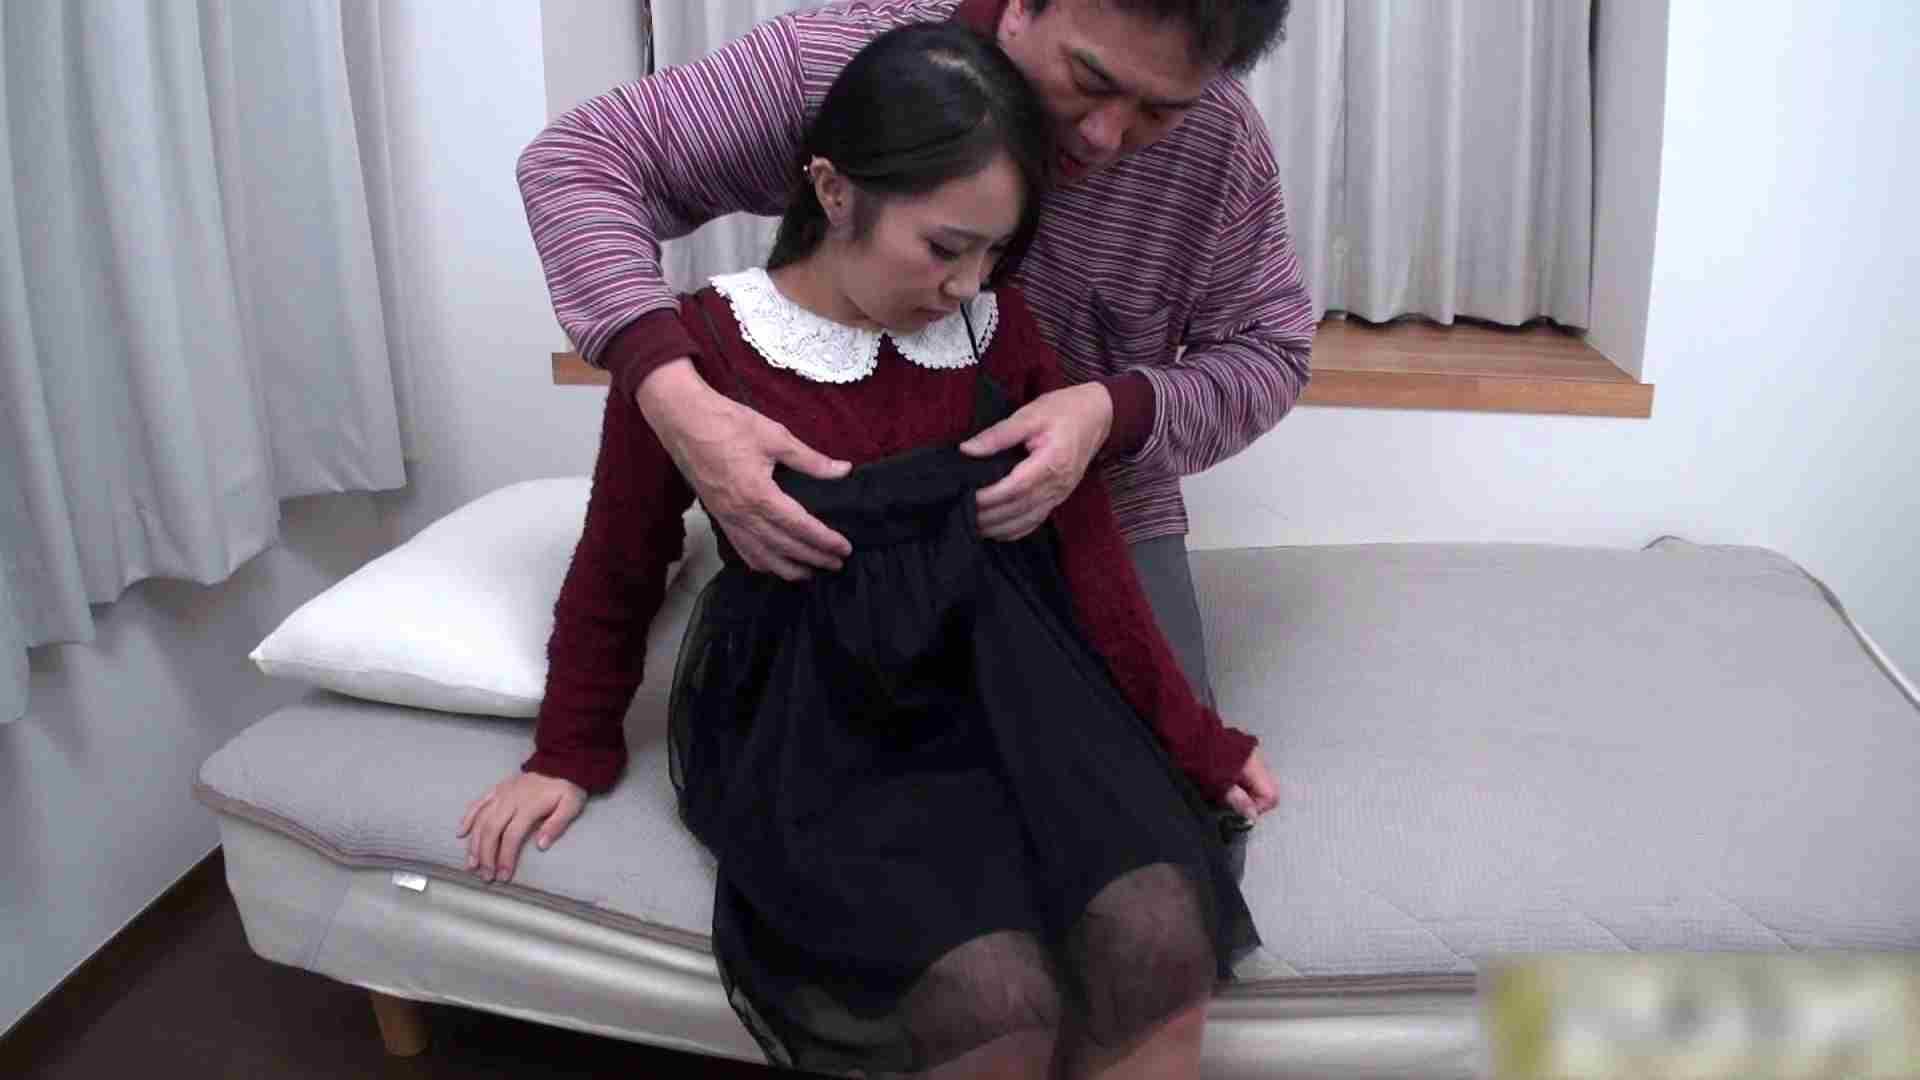 おしえてギャル子のH塾 Vol.12 前編 OLの裸事情 盗み撮り動画 106枚 17